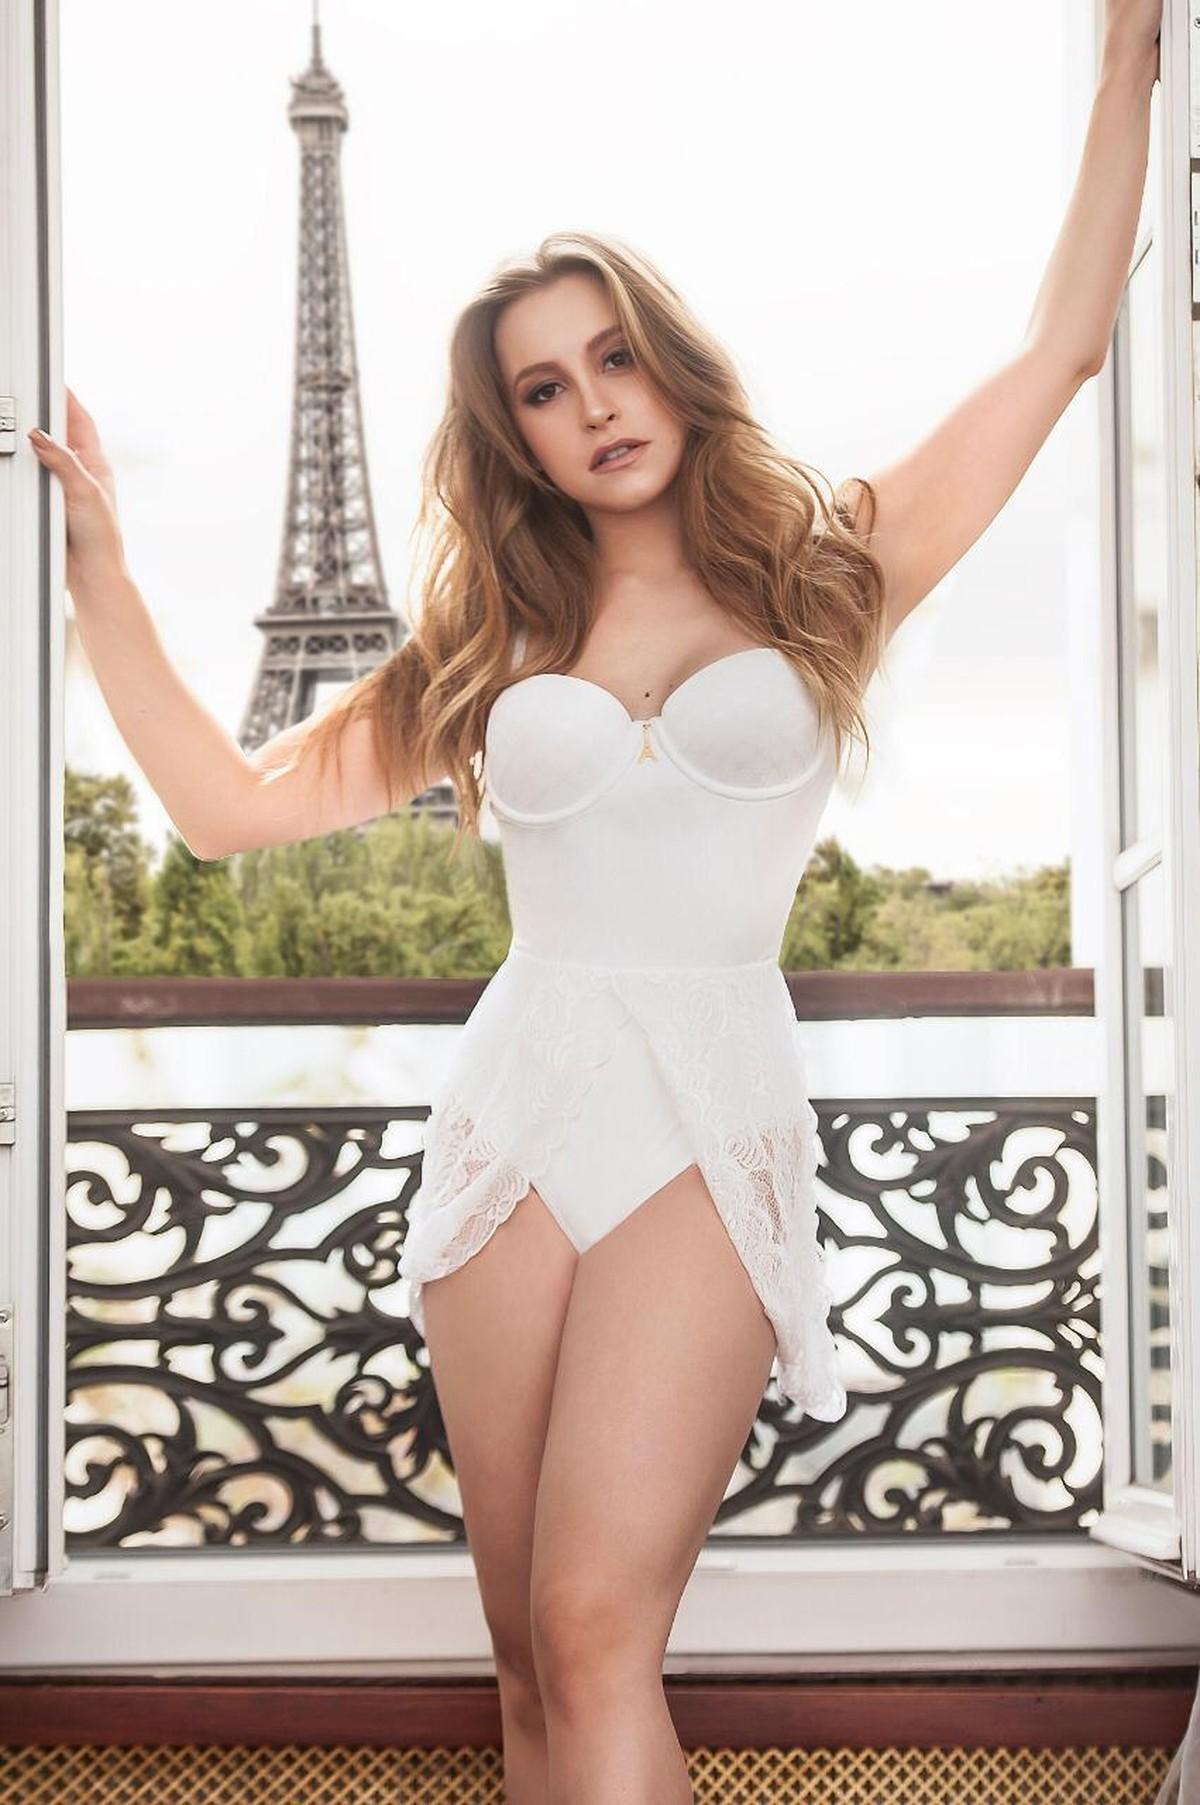 ea4d37592 Carla Diaz revela a cor da lingerie que pretende usar no Ano Novo e ...